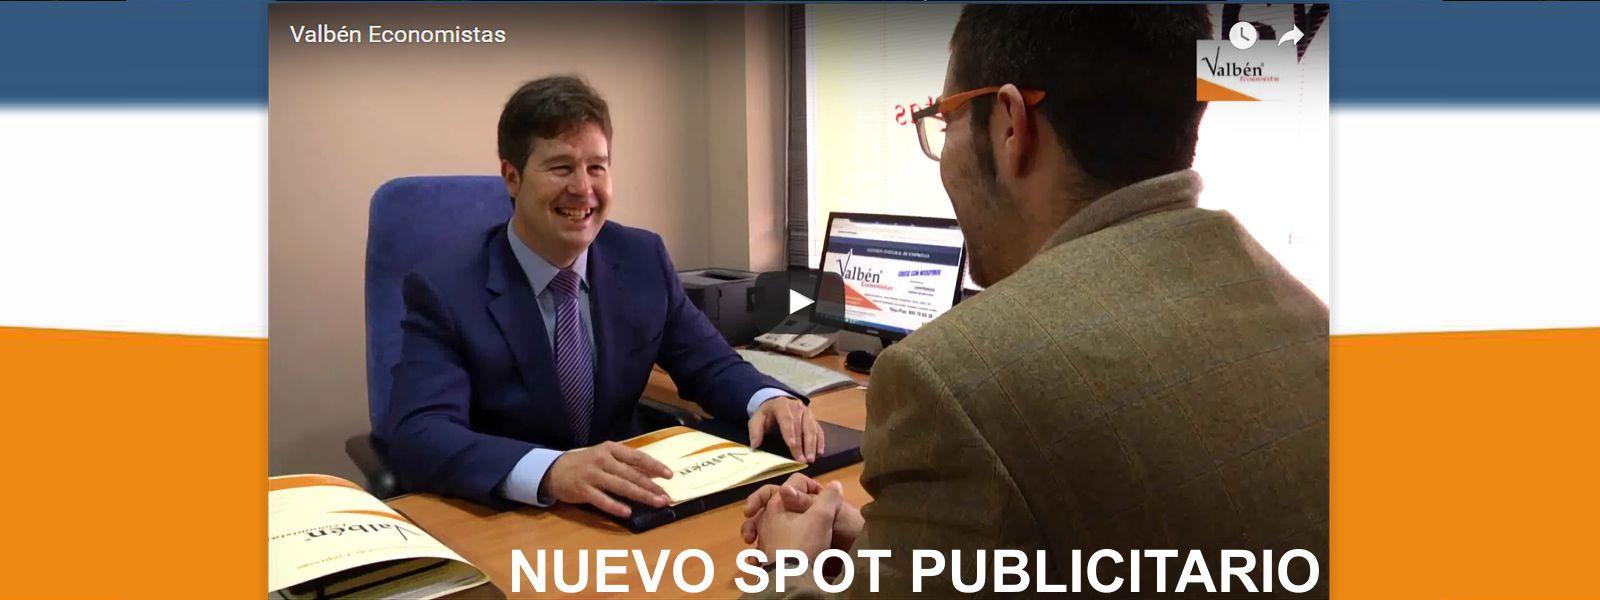 Nuevo Spot Publicitario Valbén Economistas